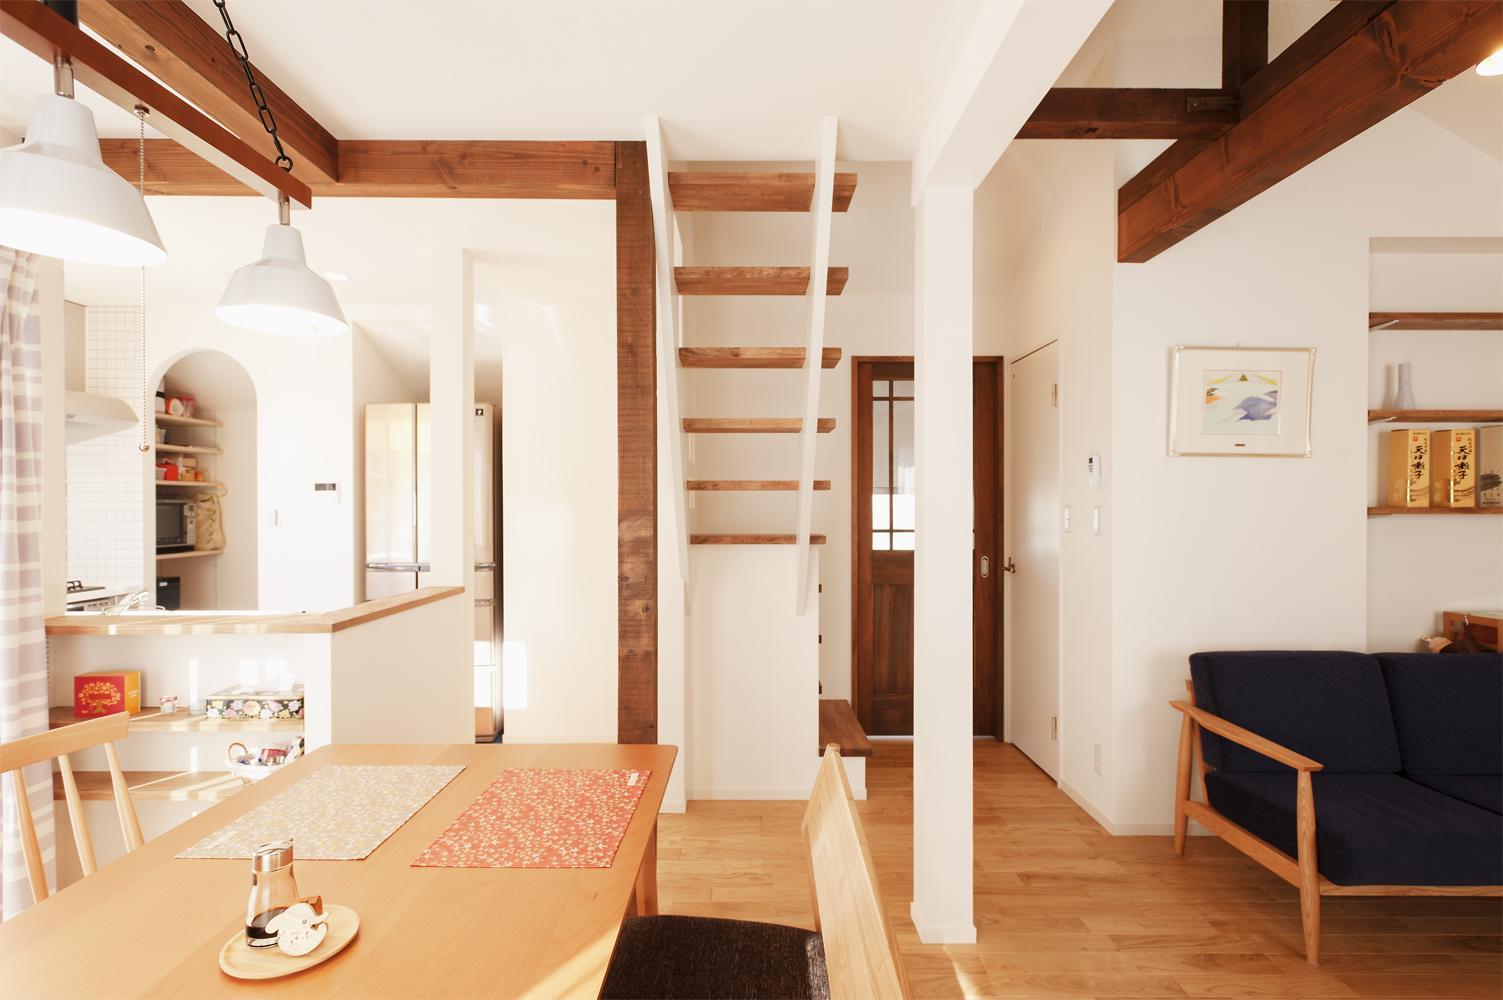 開放的な空間を楽しみながら、長く快適に暮らせる住まいの完成